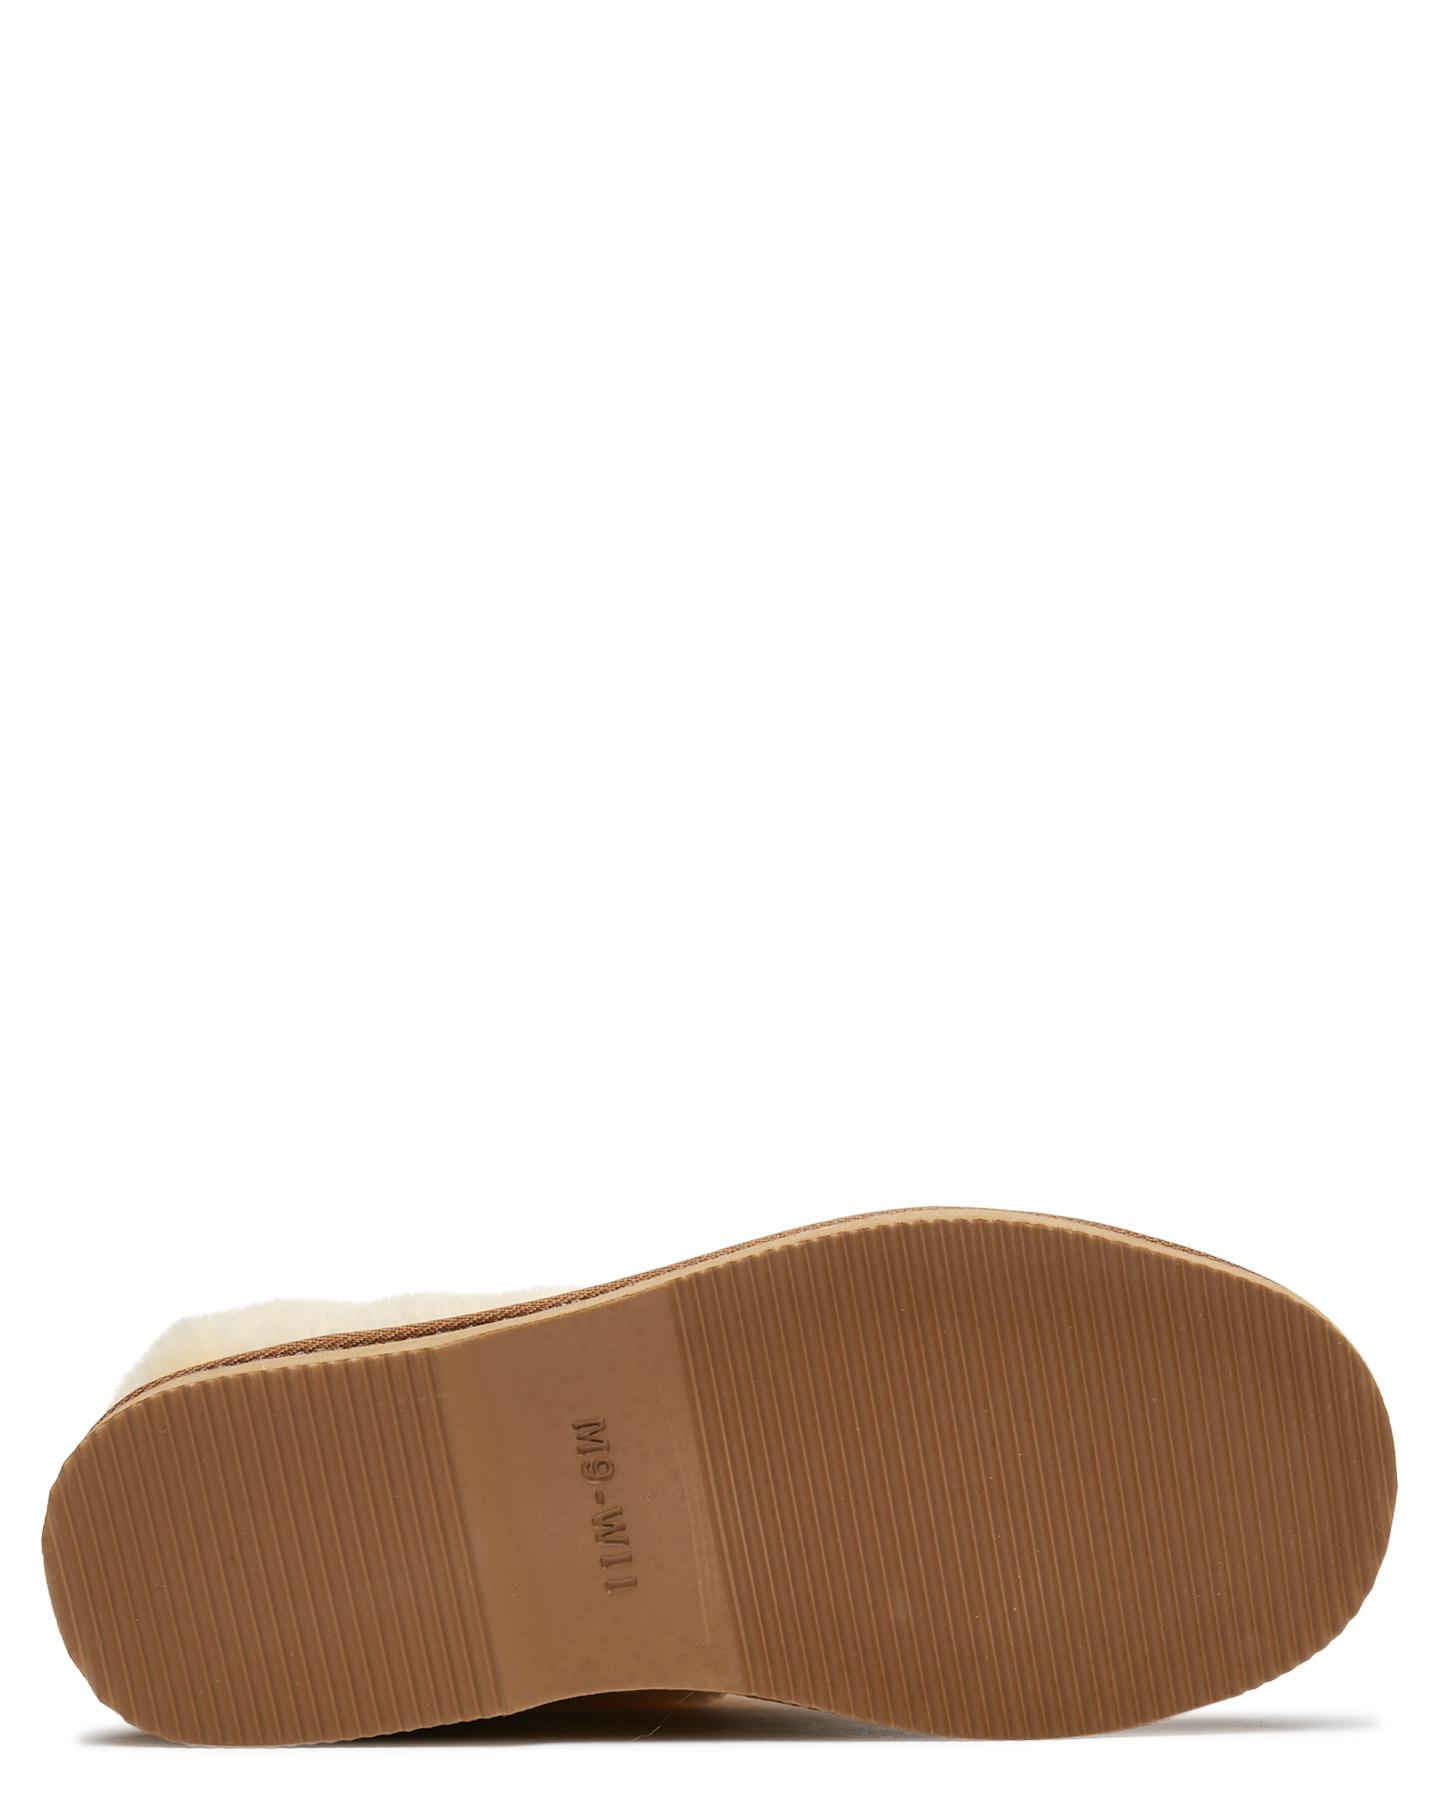 ... CHESTNUT WOMENS FOOTWEAR UGG AUSTRALIA UGG BOOTS - SSPRICHEW ...